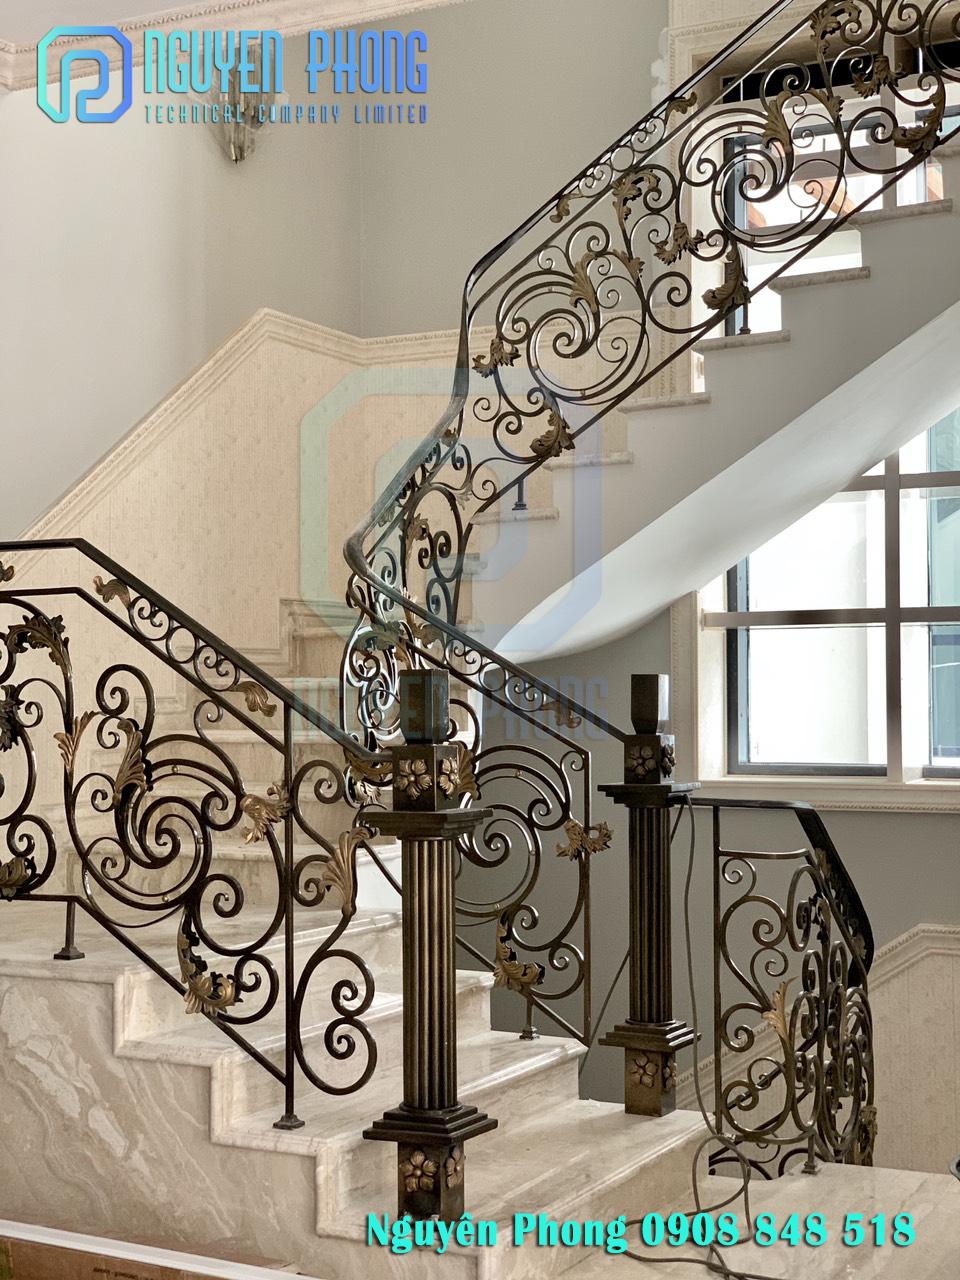 Thiết kế, gia công, thi công cầu thang sắt uốn cho biệt thự, nhà phố sang trọng, đẳng cấp